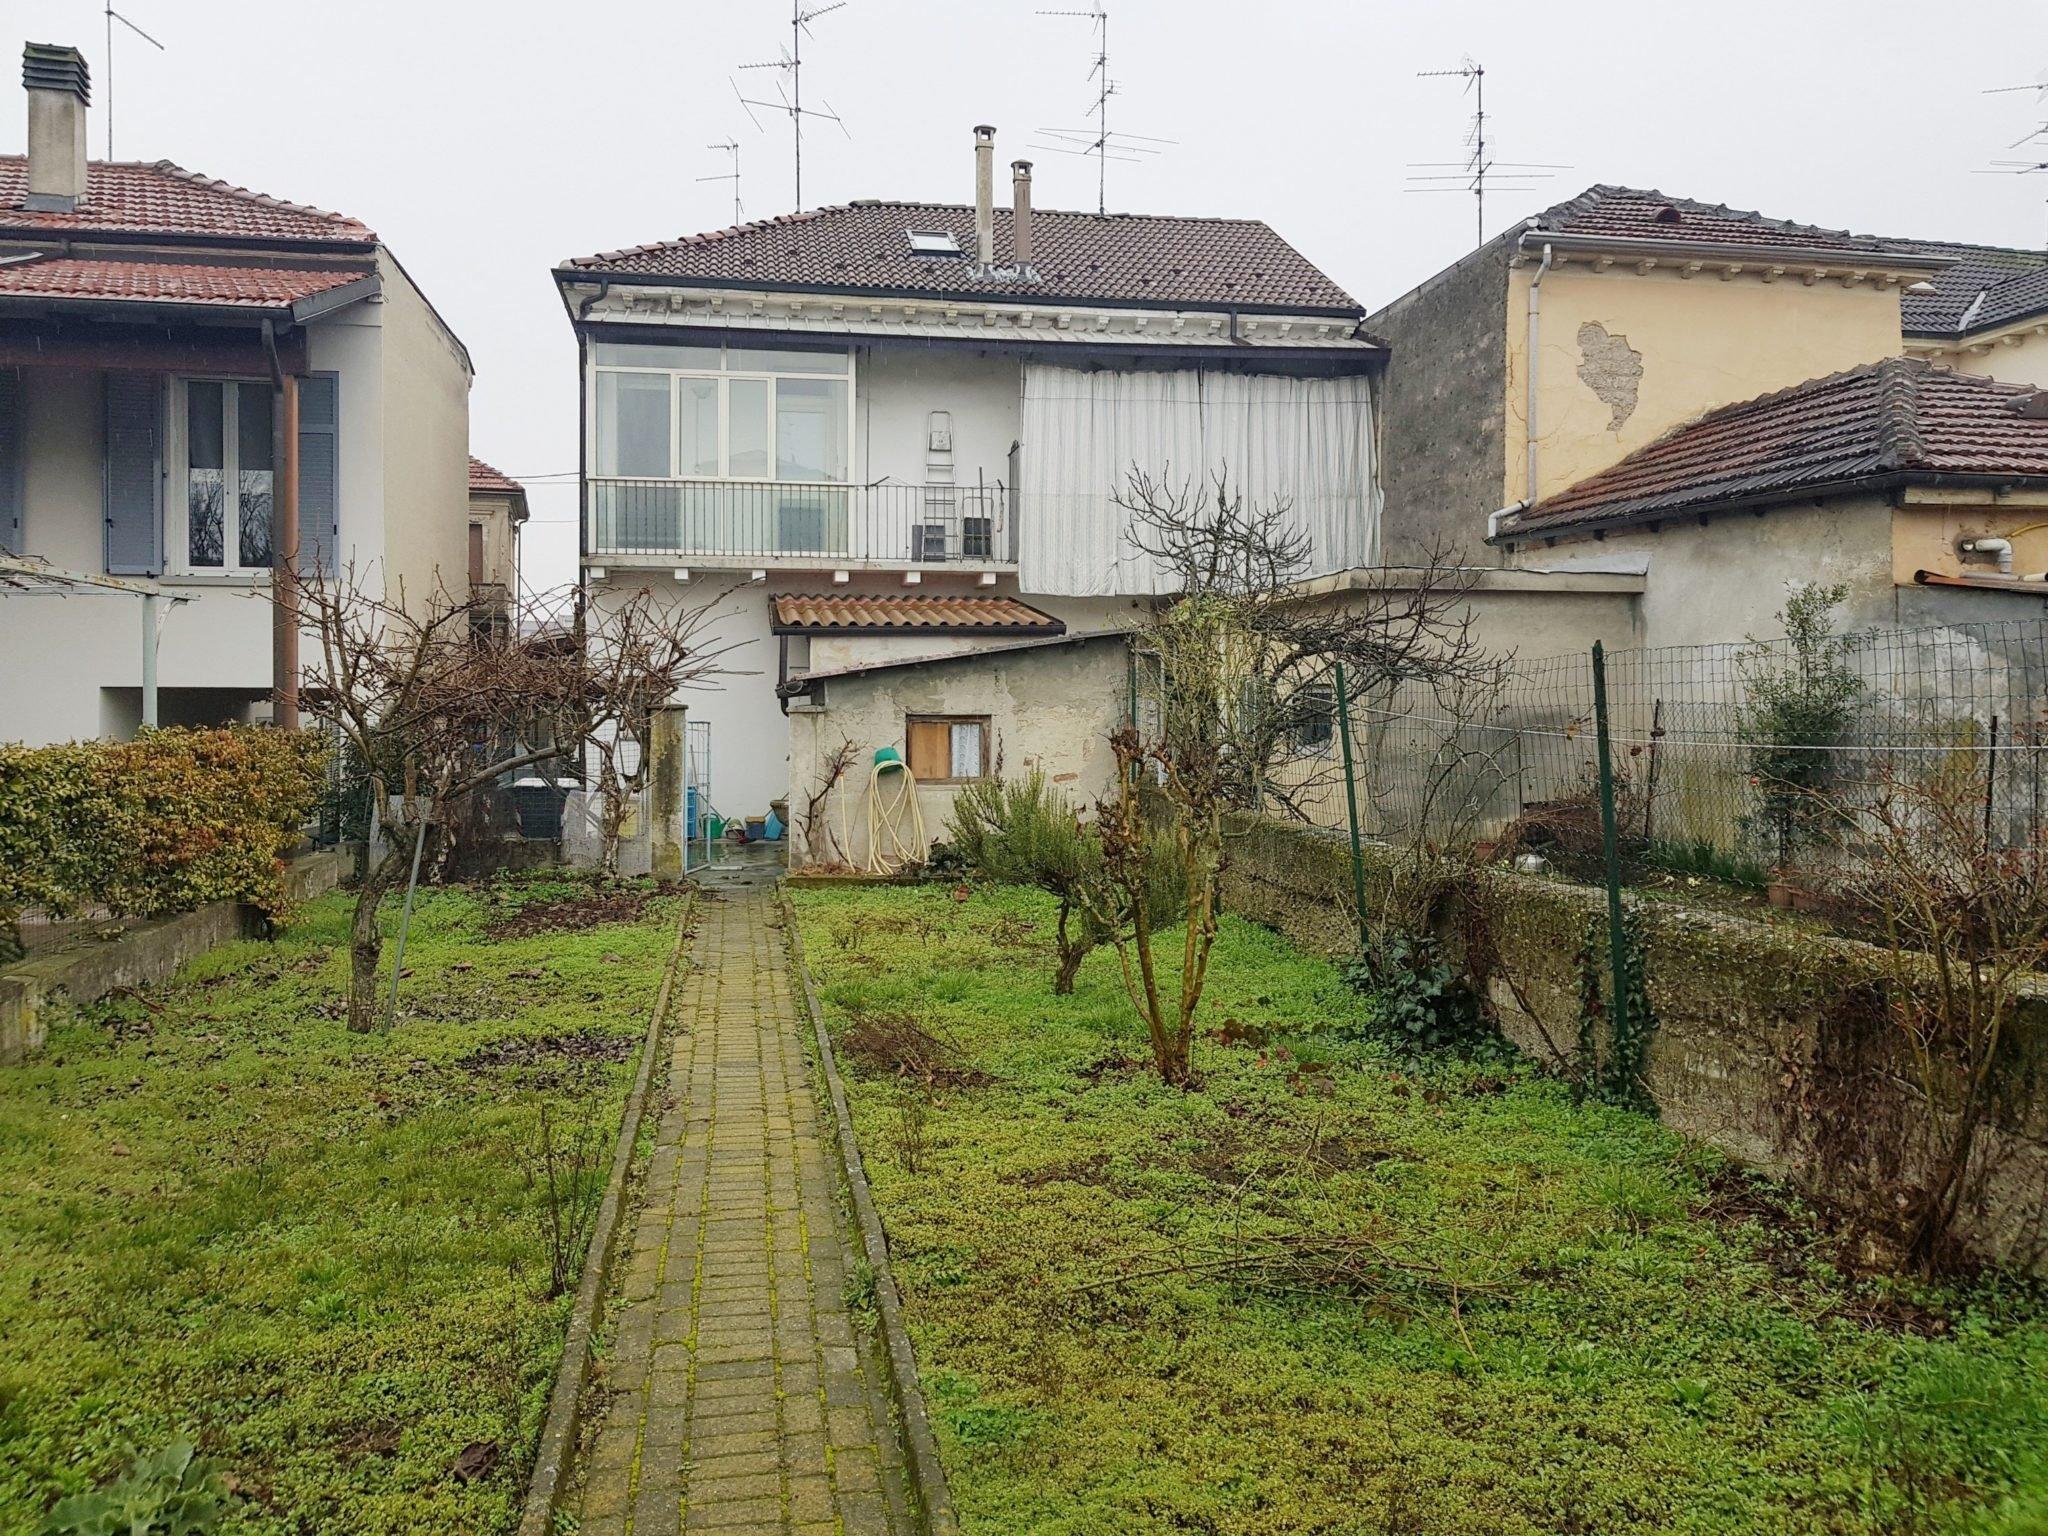 Casa Indipendente Casale Monferrato